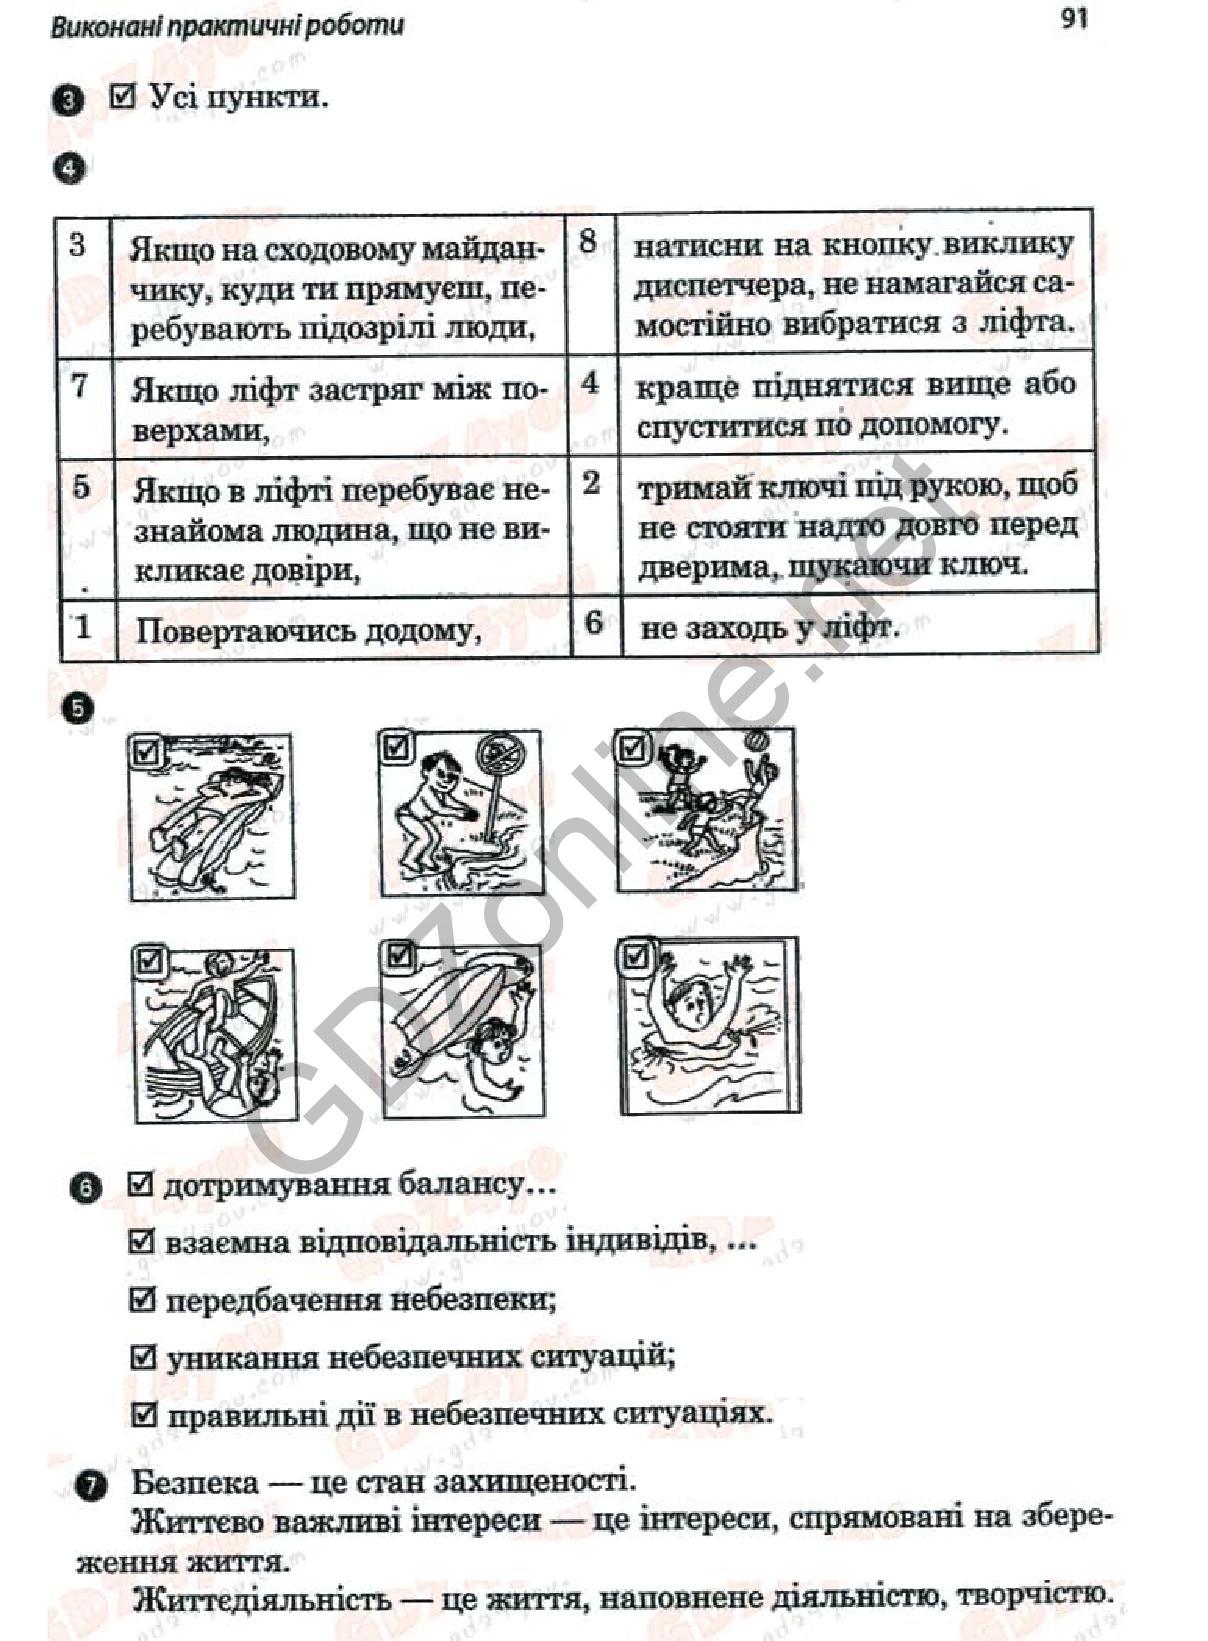 Гдз 5 класс основы здоровья с в василенко